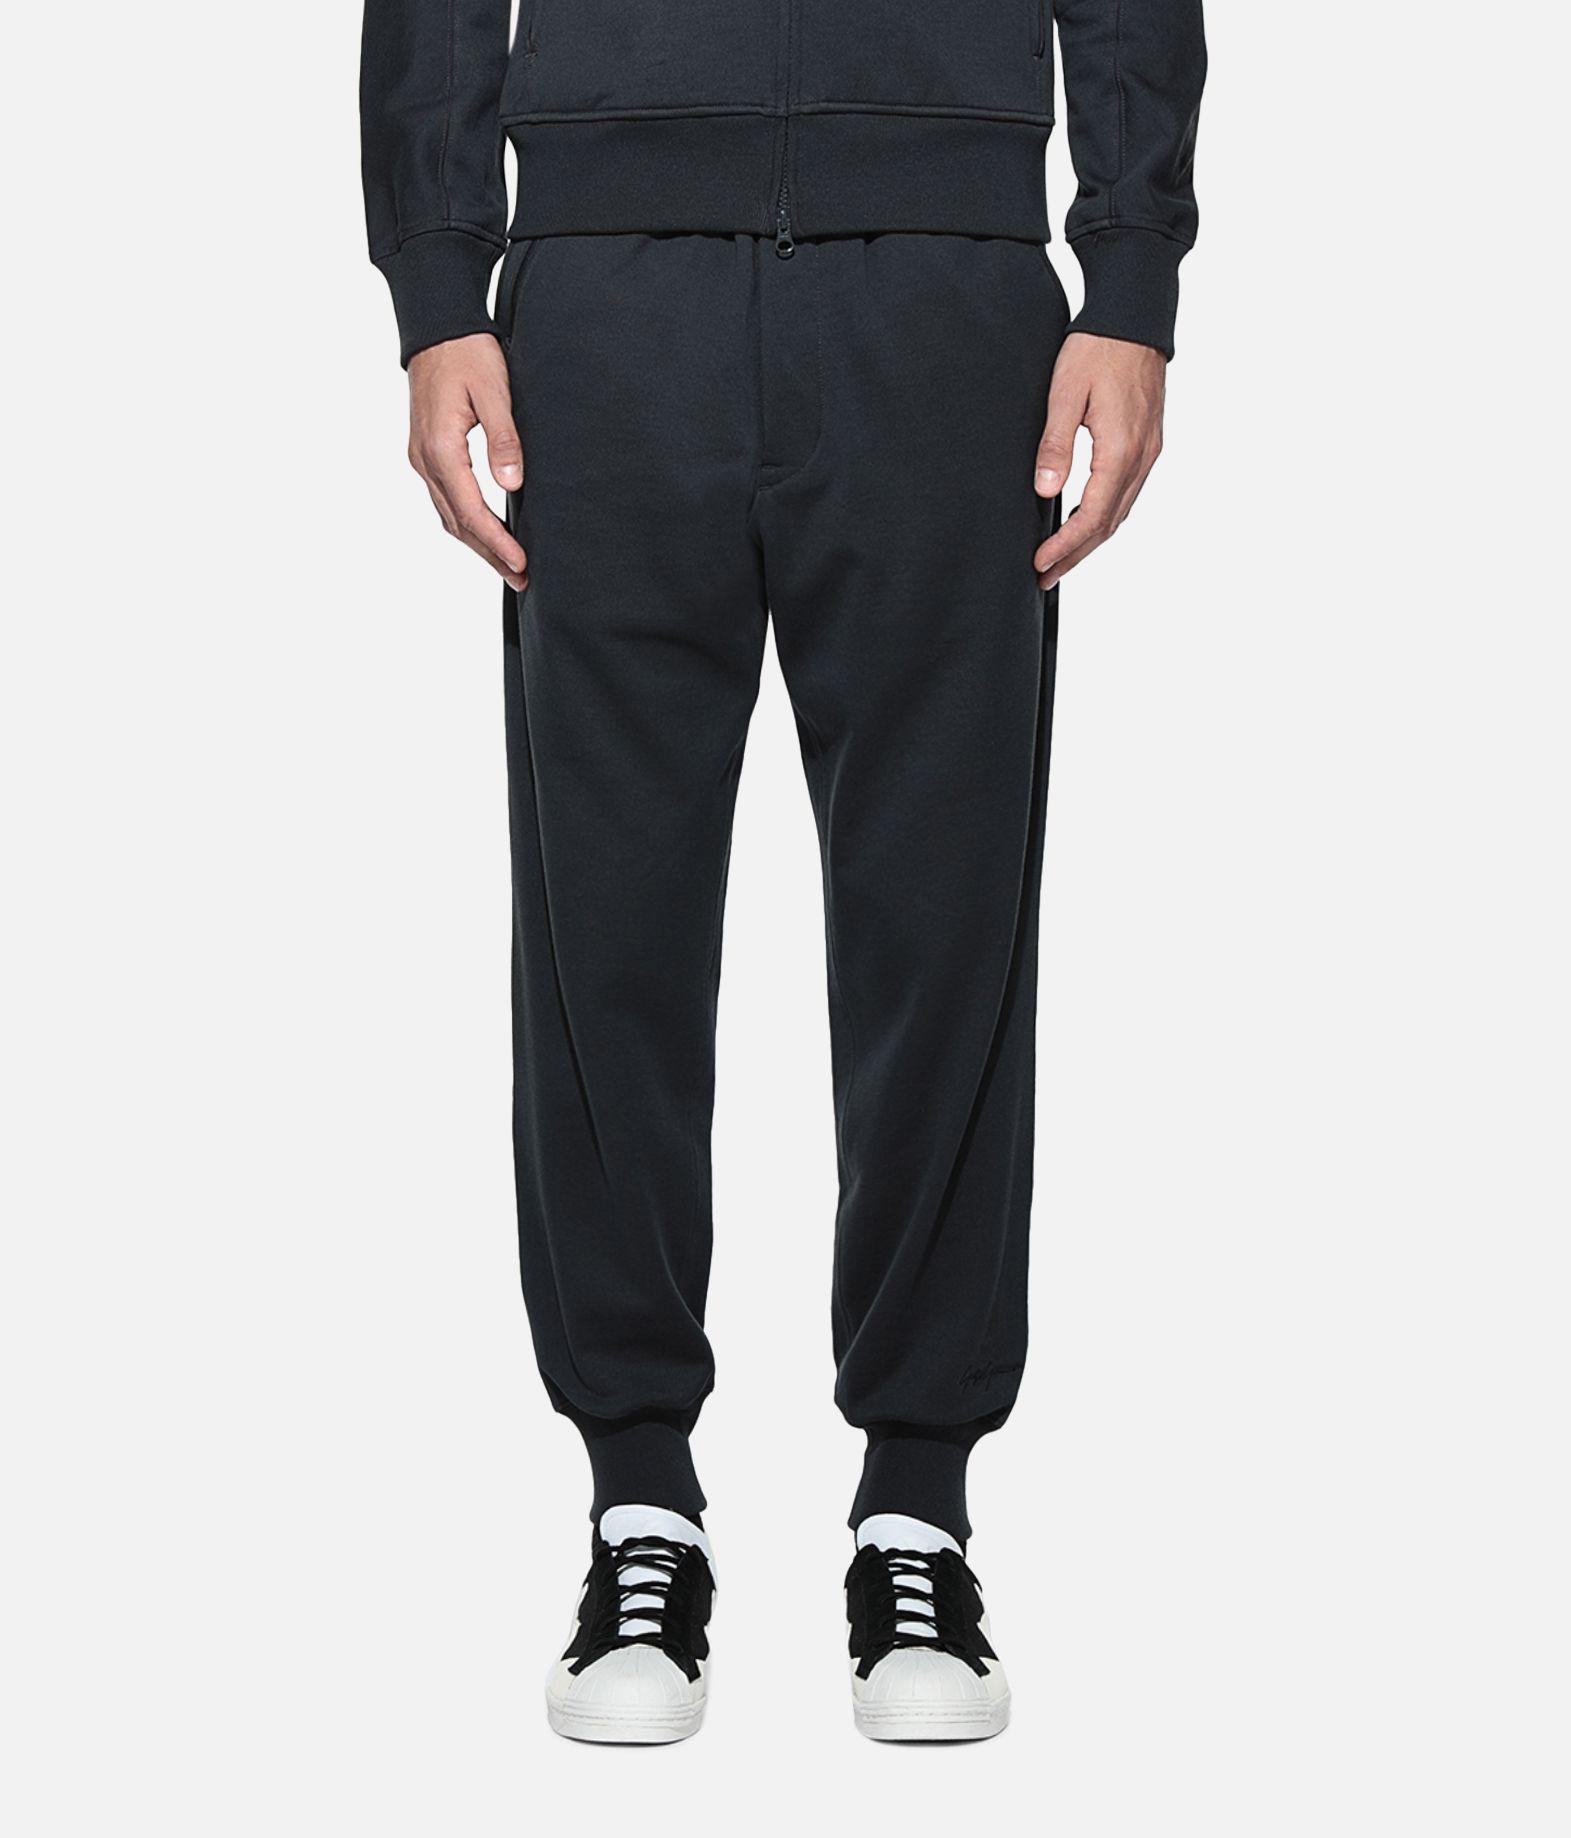 Y-3 Y-3 Classic Cuffed Pants Спортивные брюки Для Мужчин r